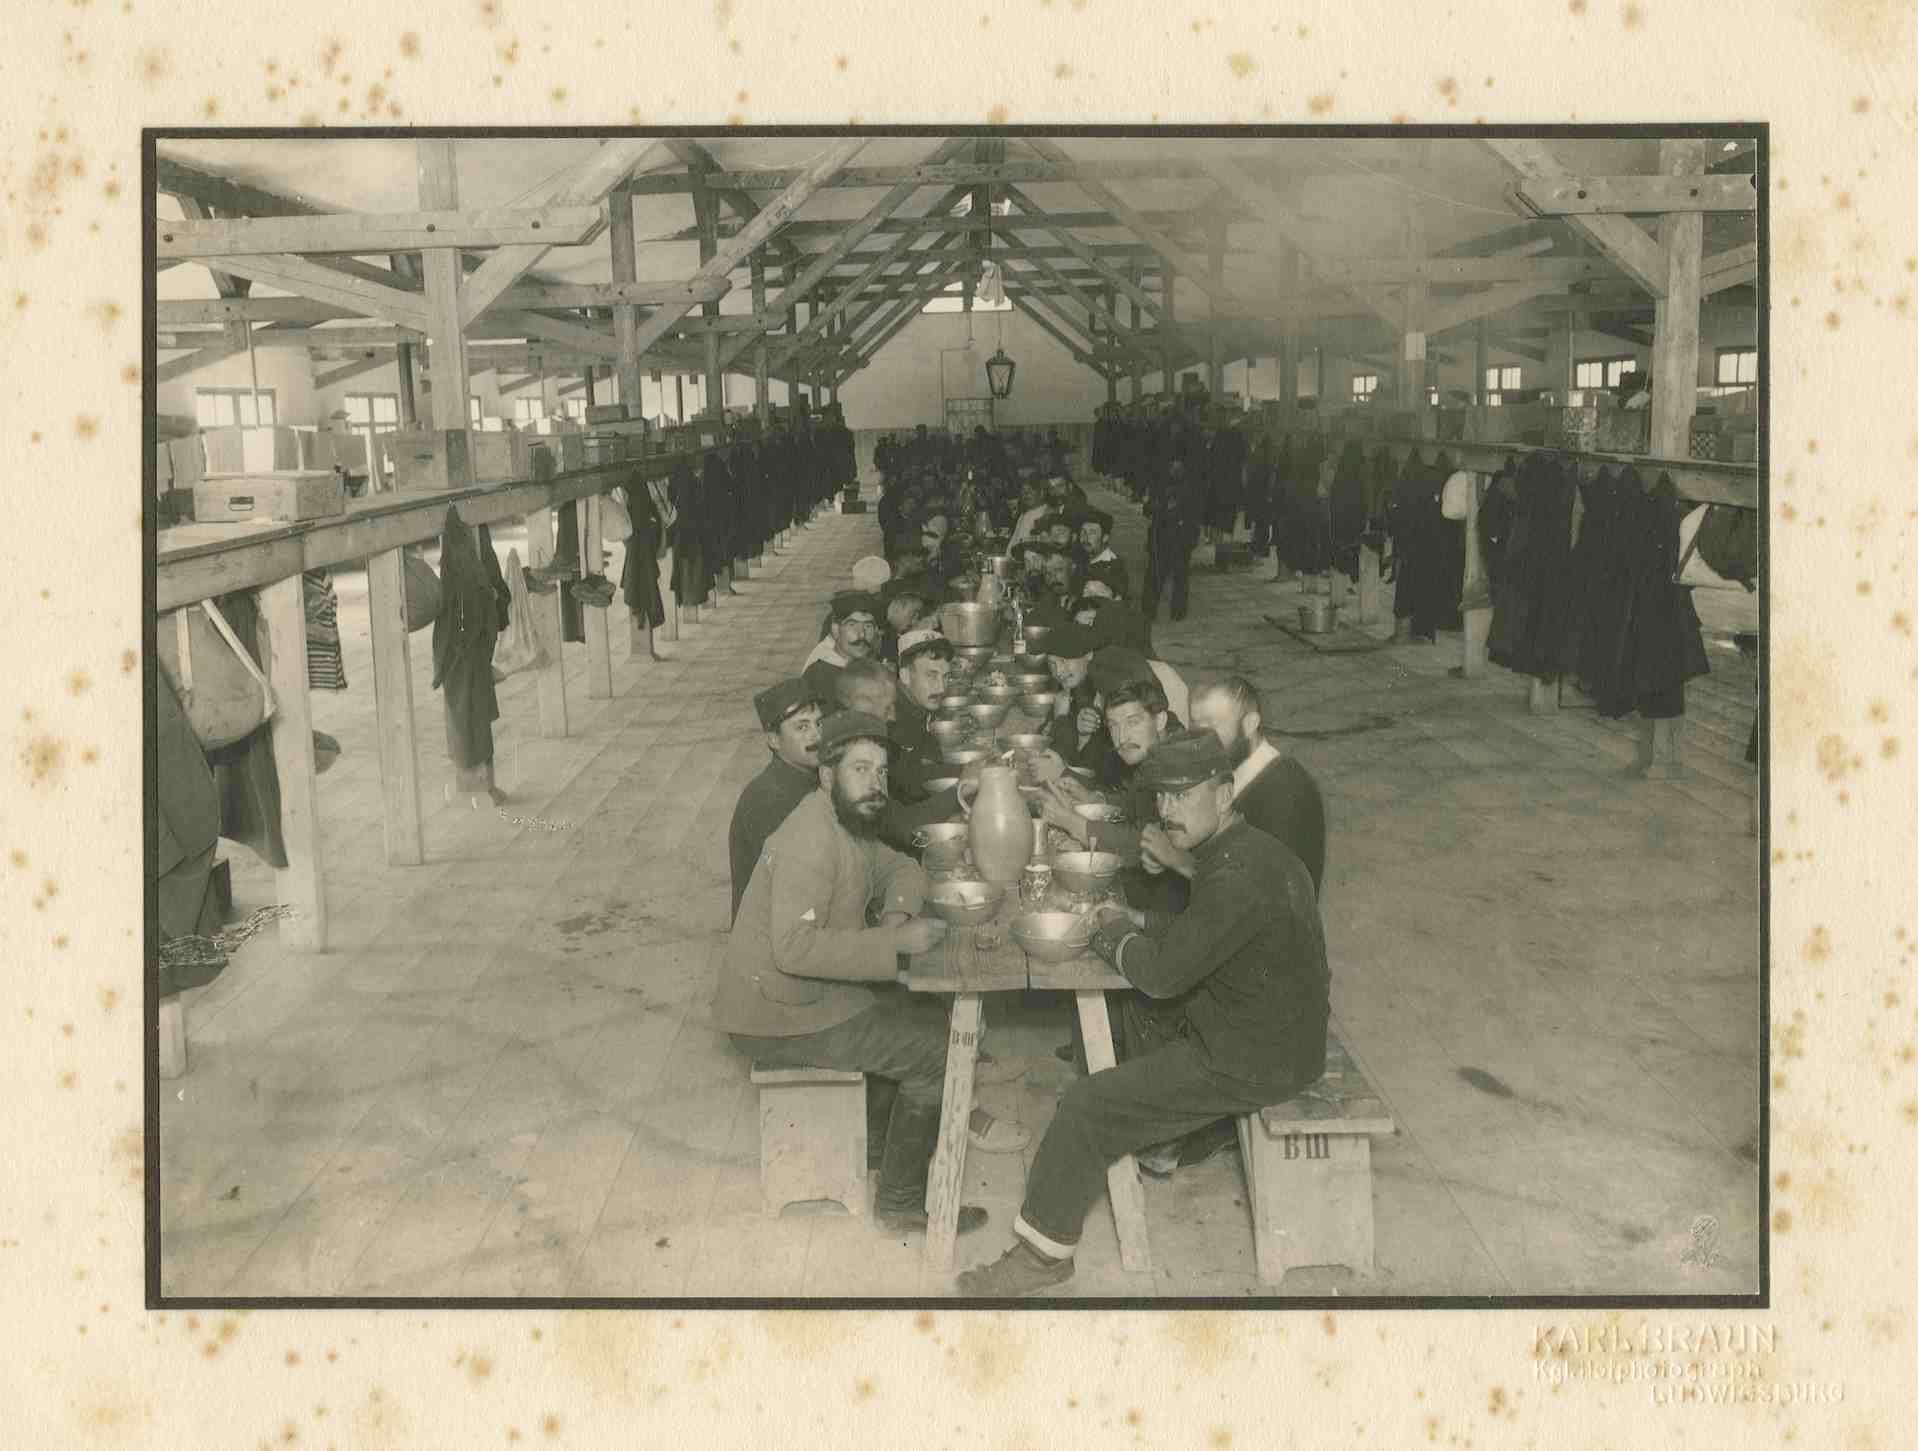 Kriegsgefangene beim Mittagessen an langem Tisch in Baracke, Kriegsgefangenenlager Ludwigsburg-Eglosheim, Bild 1